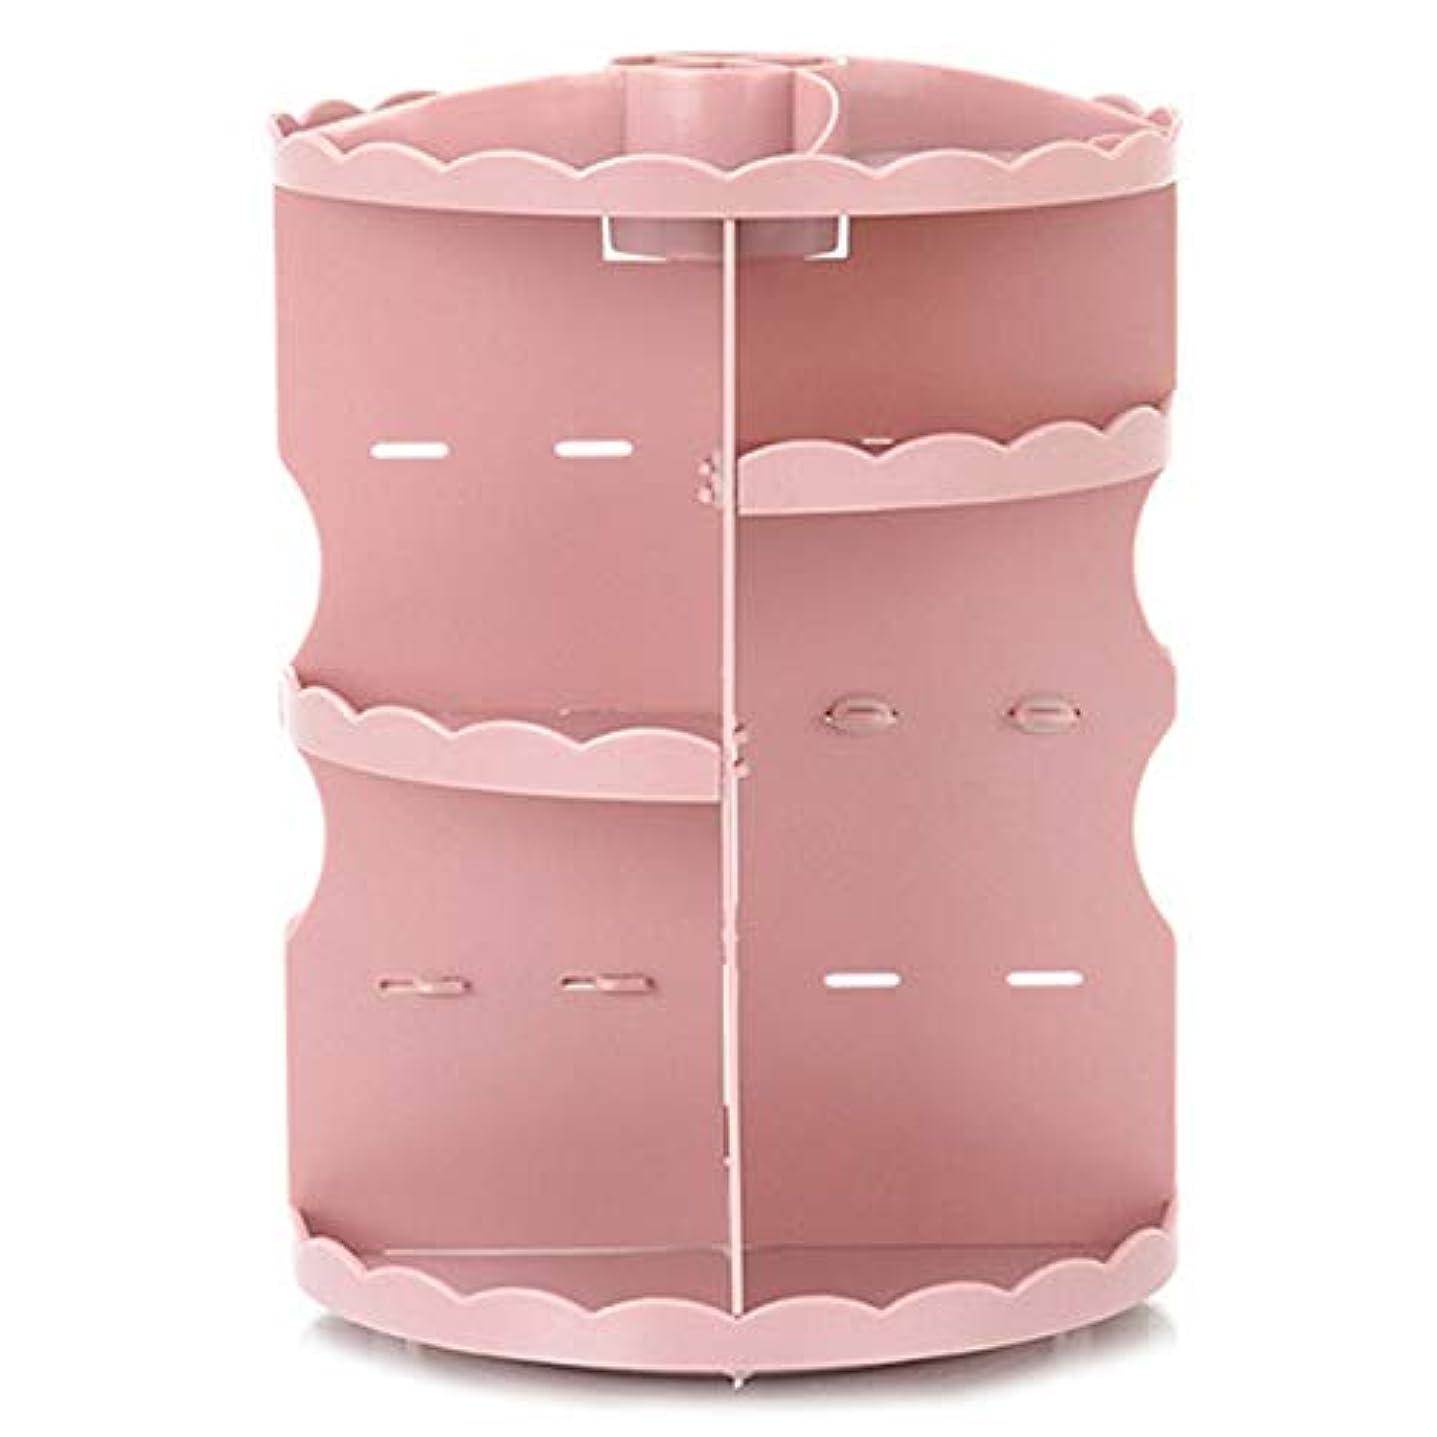 むしろベルト死にかけているTOOGOO 360度回転化粧オーガナイザー、調整可能な多機能化粧品収納ユニット、さまざまなタイプの化粧品とアクセサリーに対応 ピンク